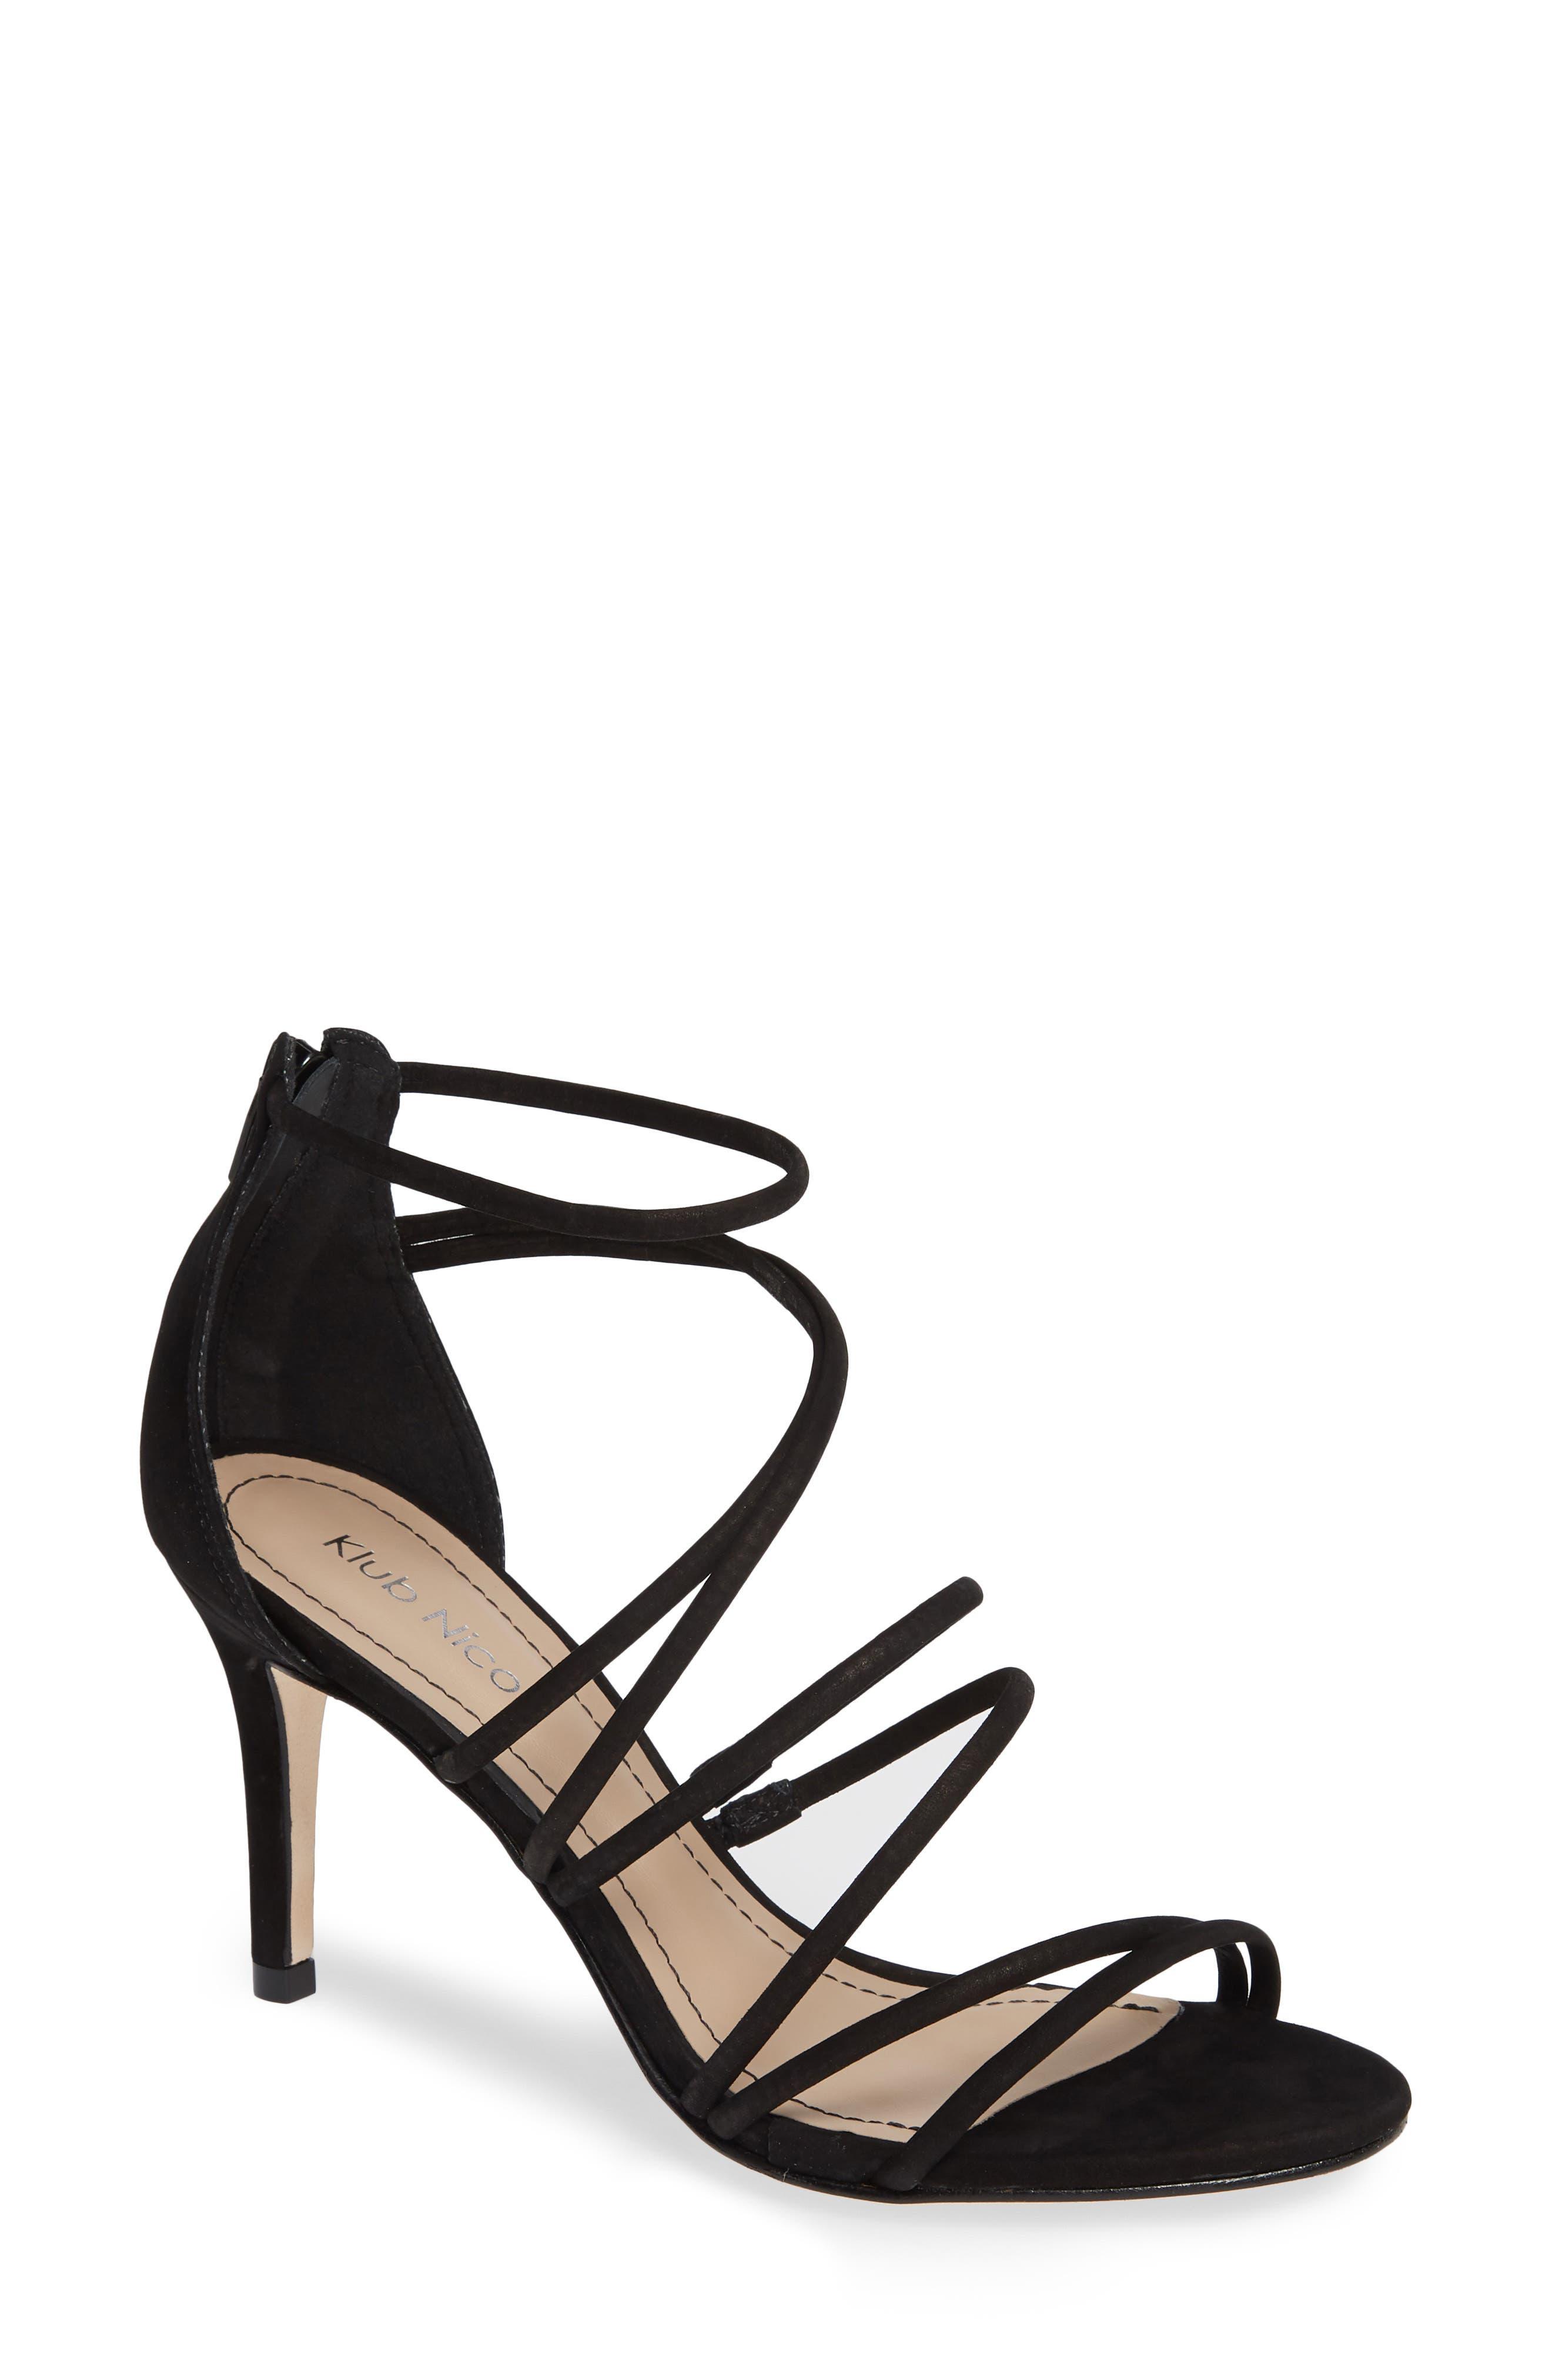 Ashton Sandal,                         Main,                         color, Black Leather